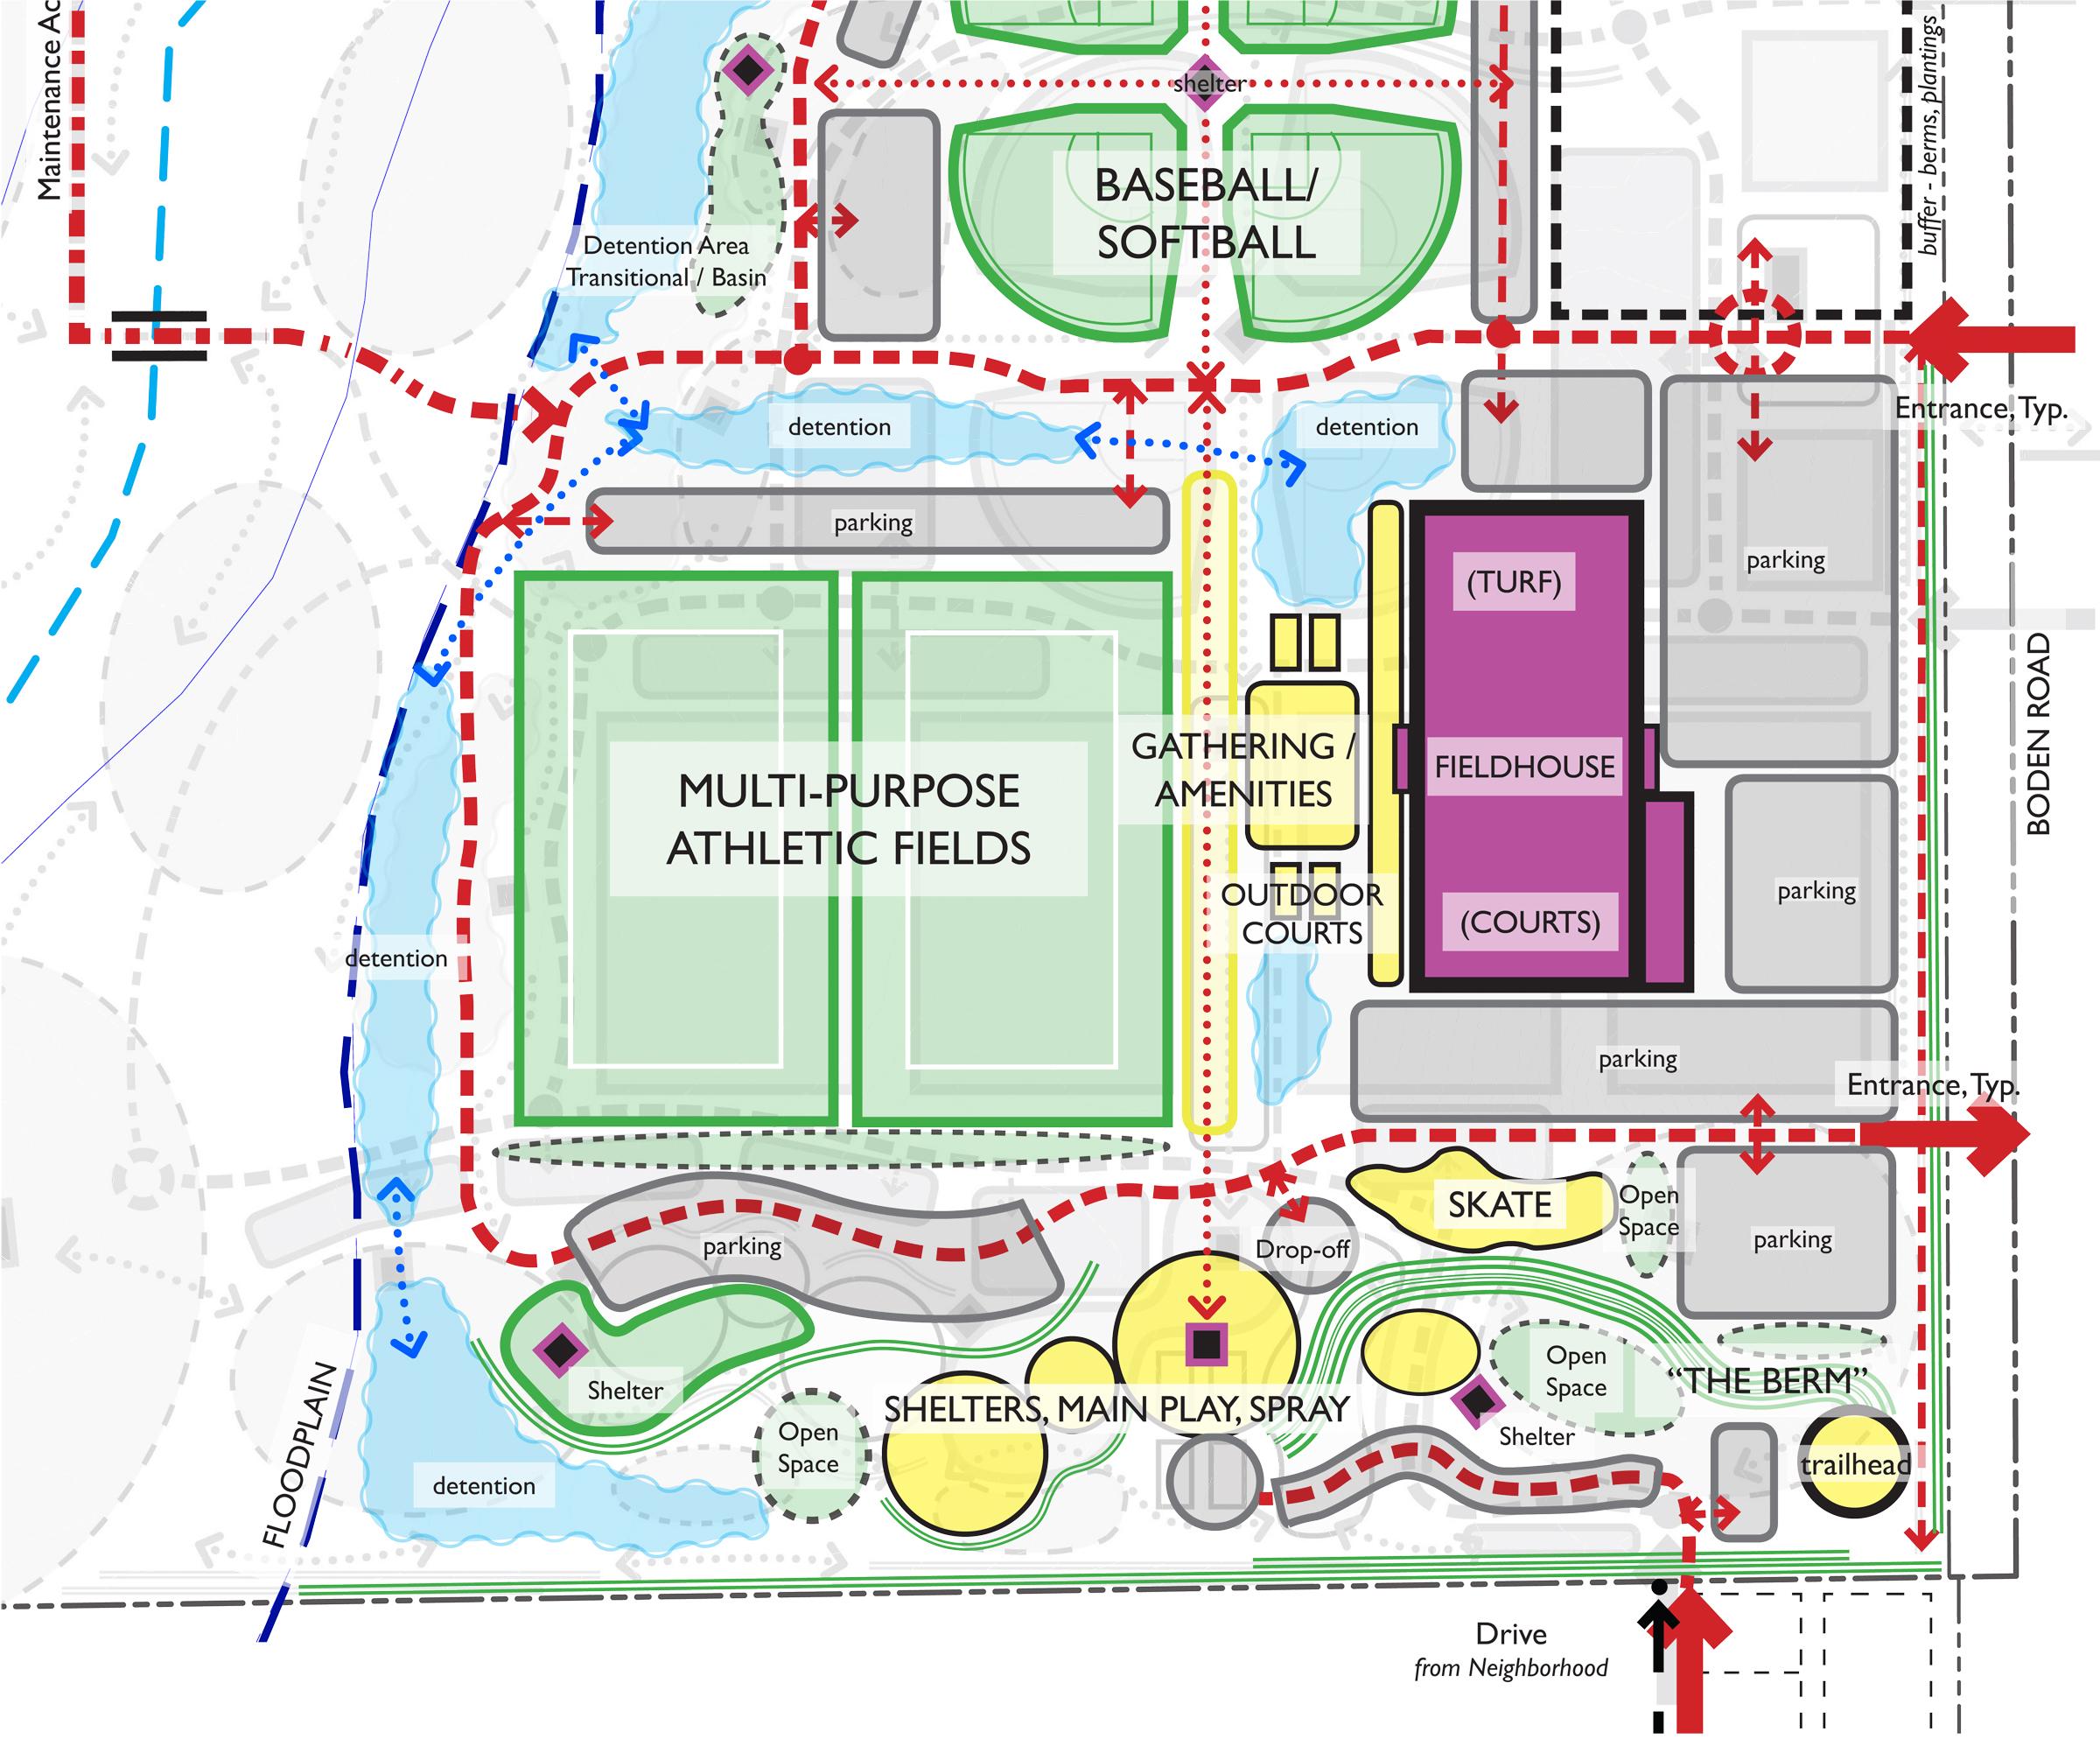 Klipsch Music Center Parking Map Document Center / Common Council Approves Decision on $15 Million